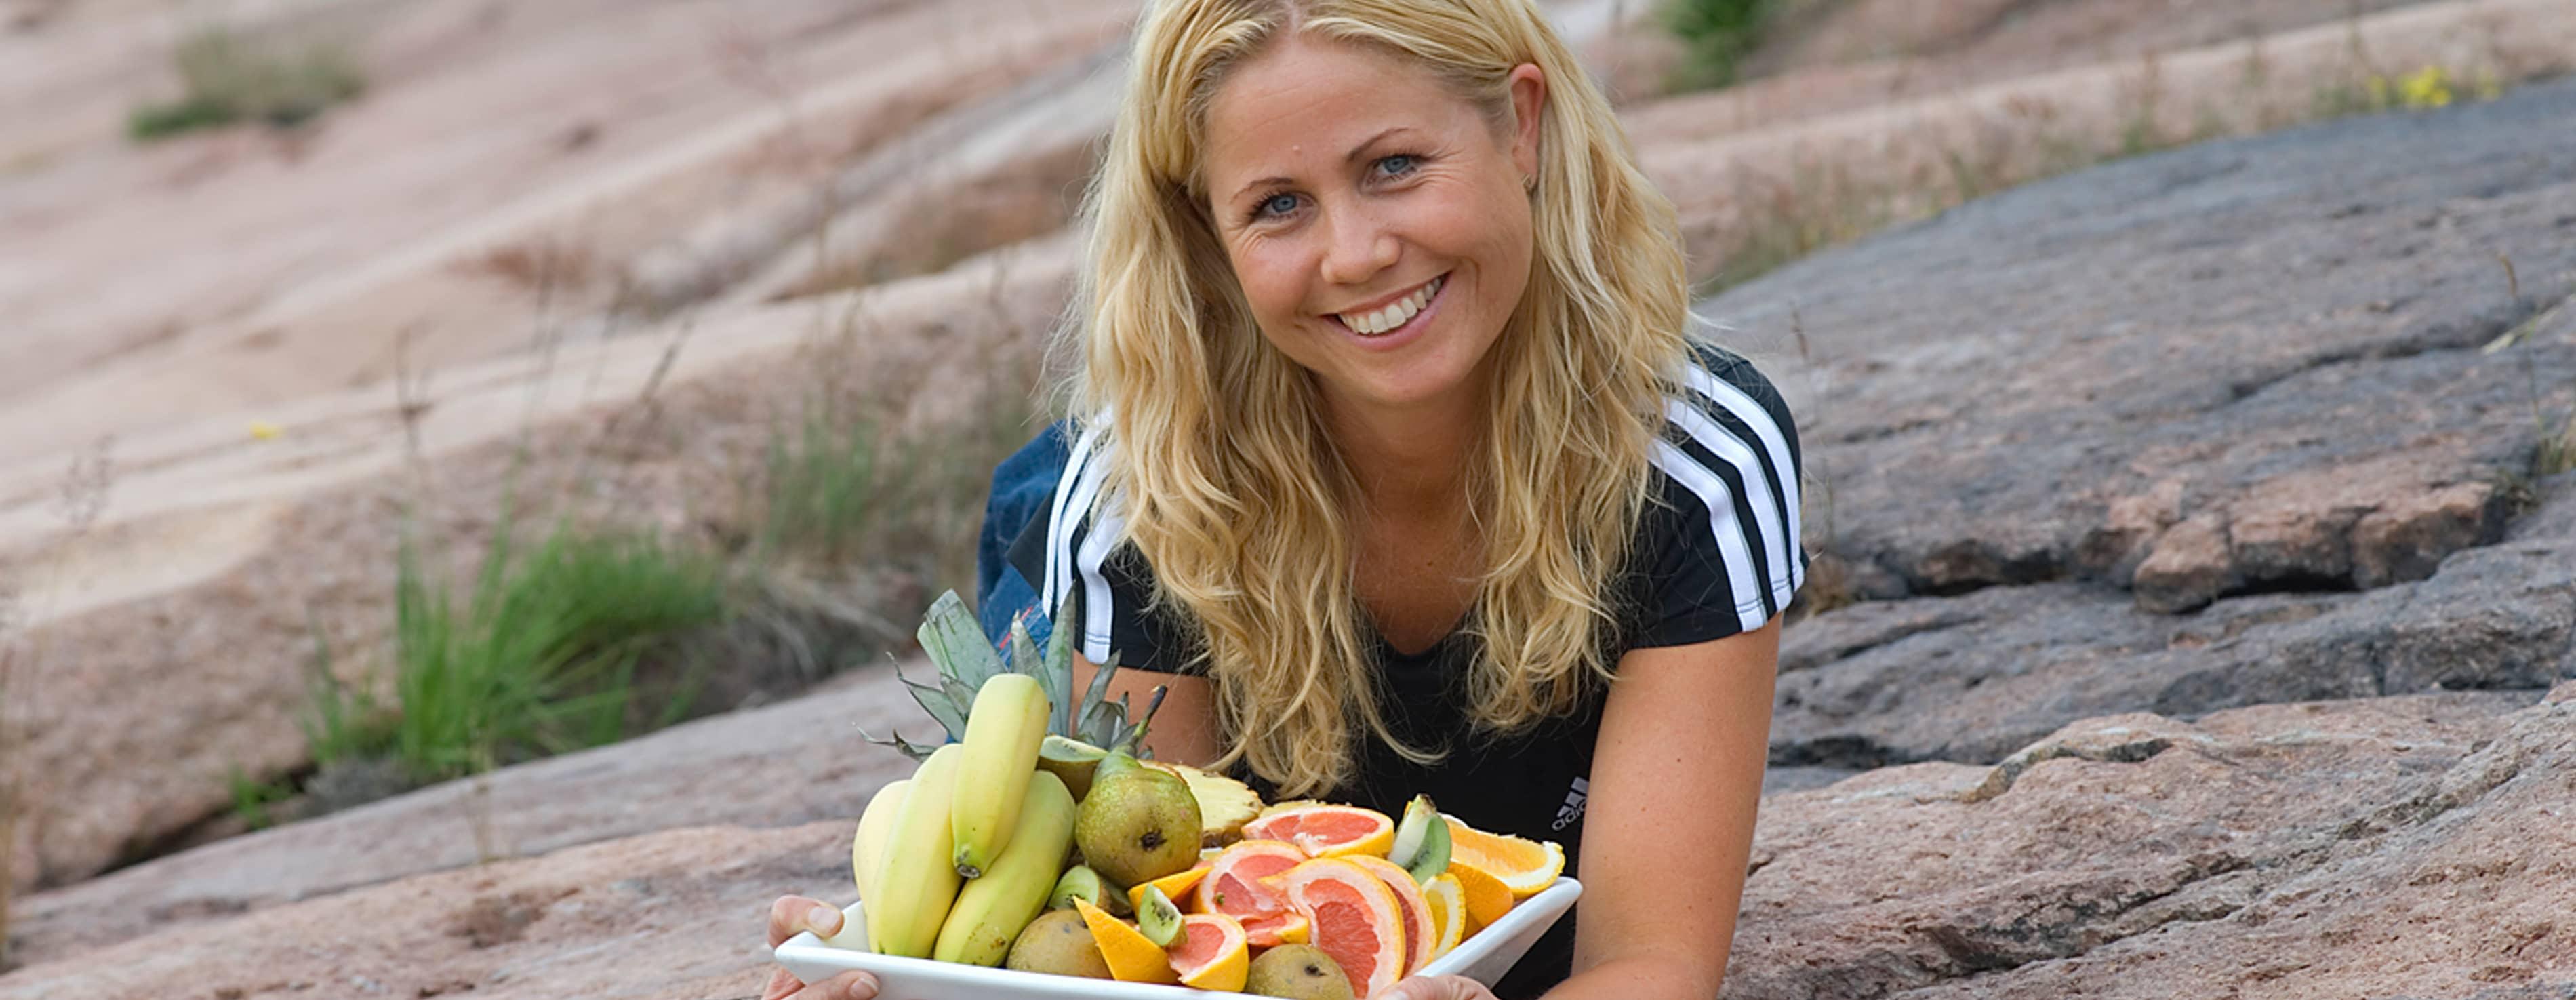 Ta med ferdig oppskåret frukt på stranden, foreslår ernæringsfysiolog Tine Sundfør.